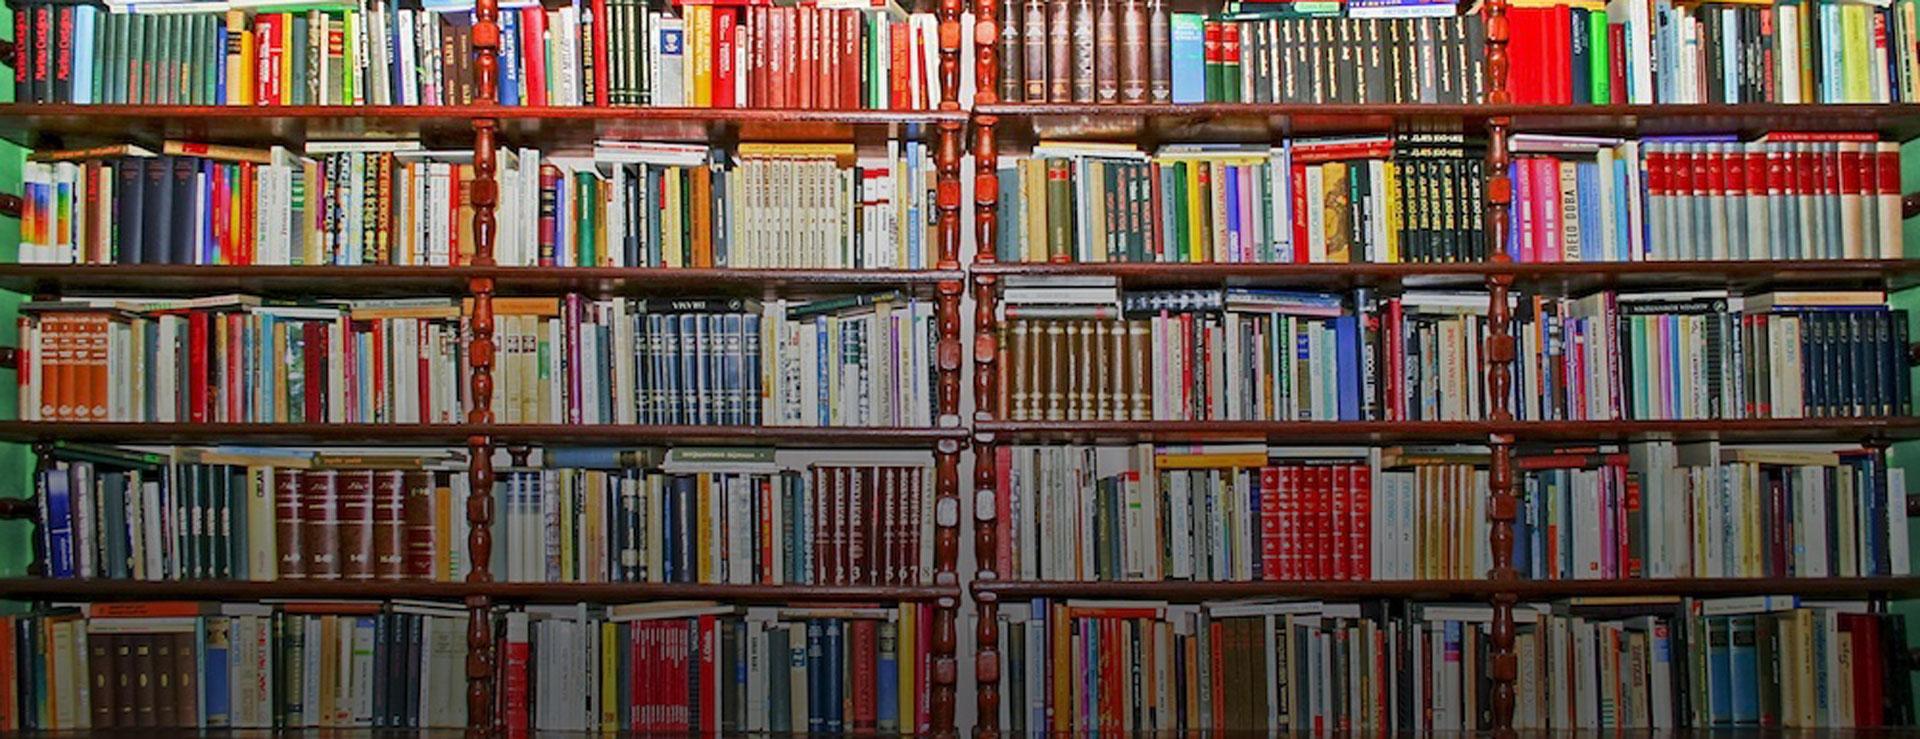 Estantería con libros